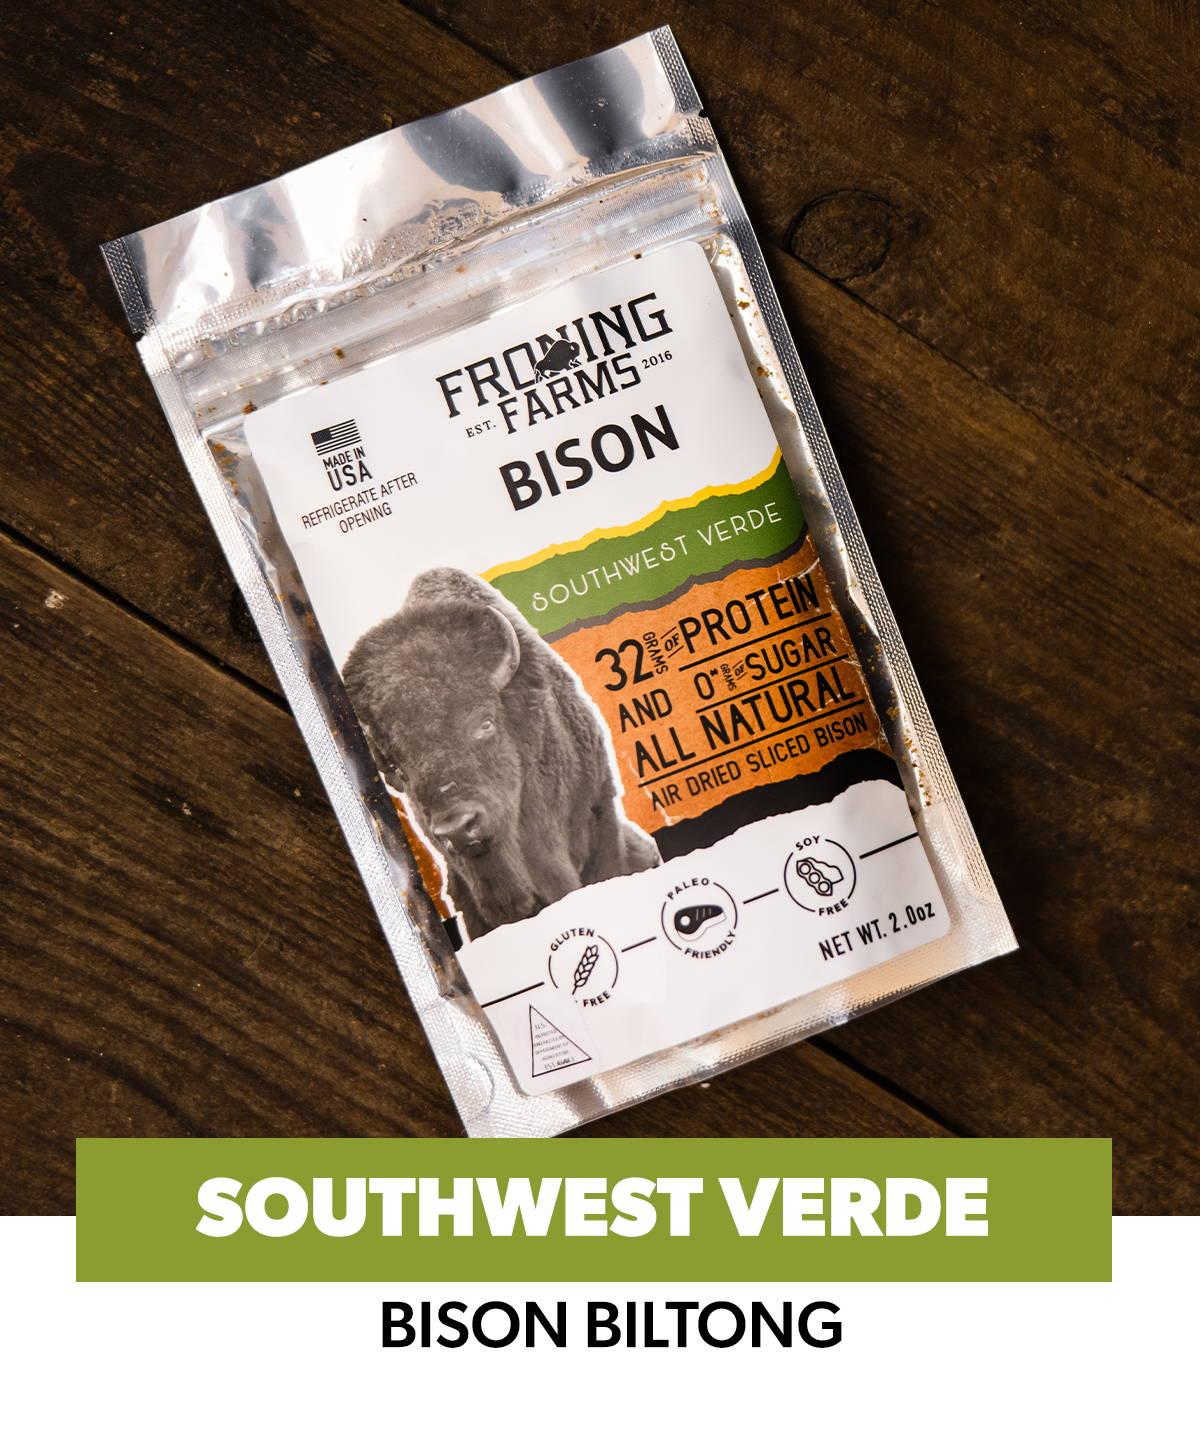 Froning Farms Bison Biltong Southwest Verde